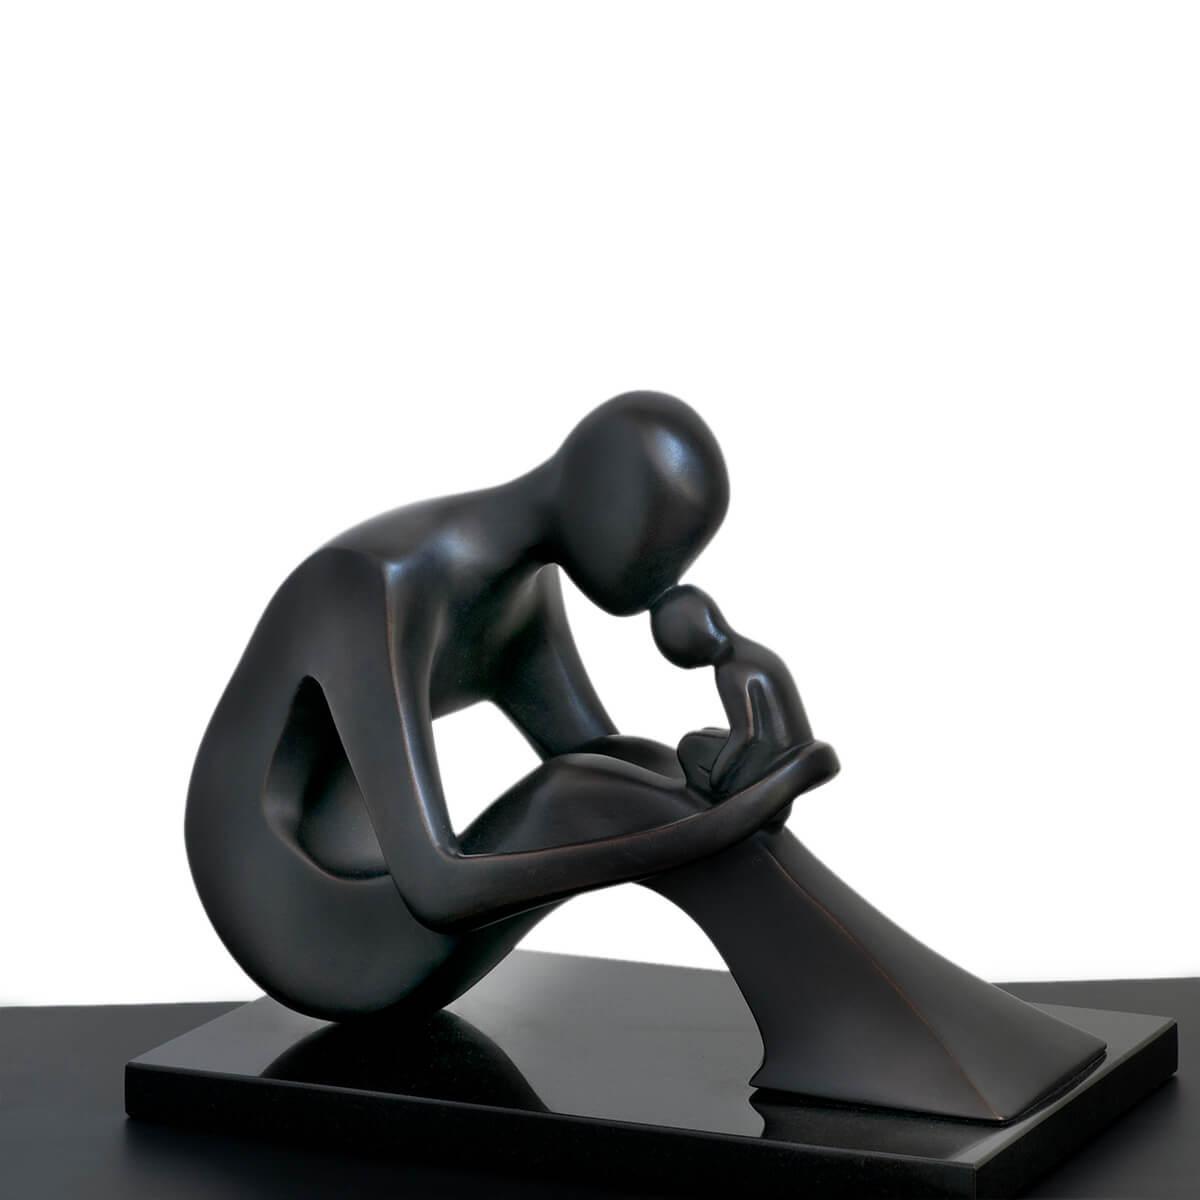 Robert-Helle-Sculpture-Gallery-Mother-Child-1a-1200x1200